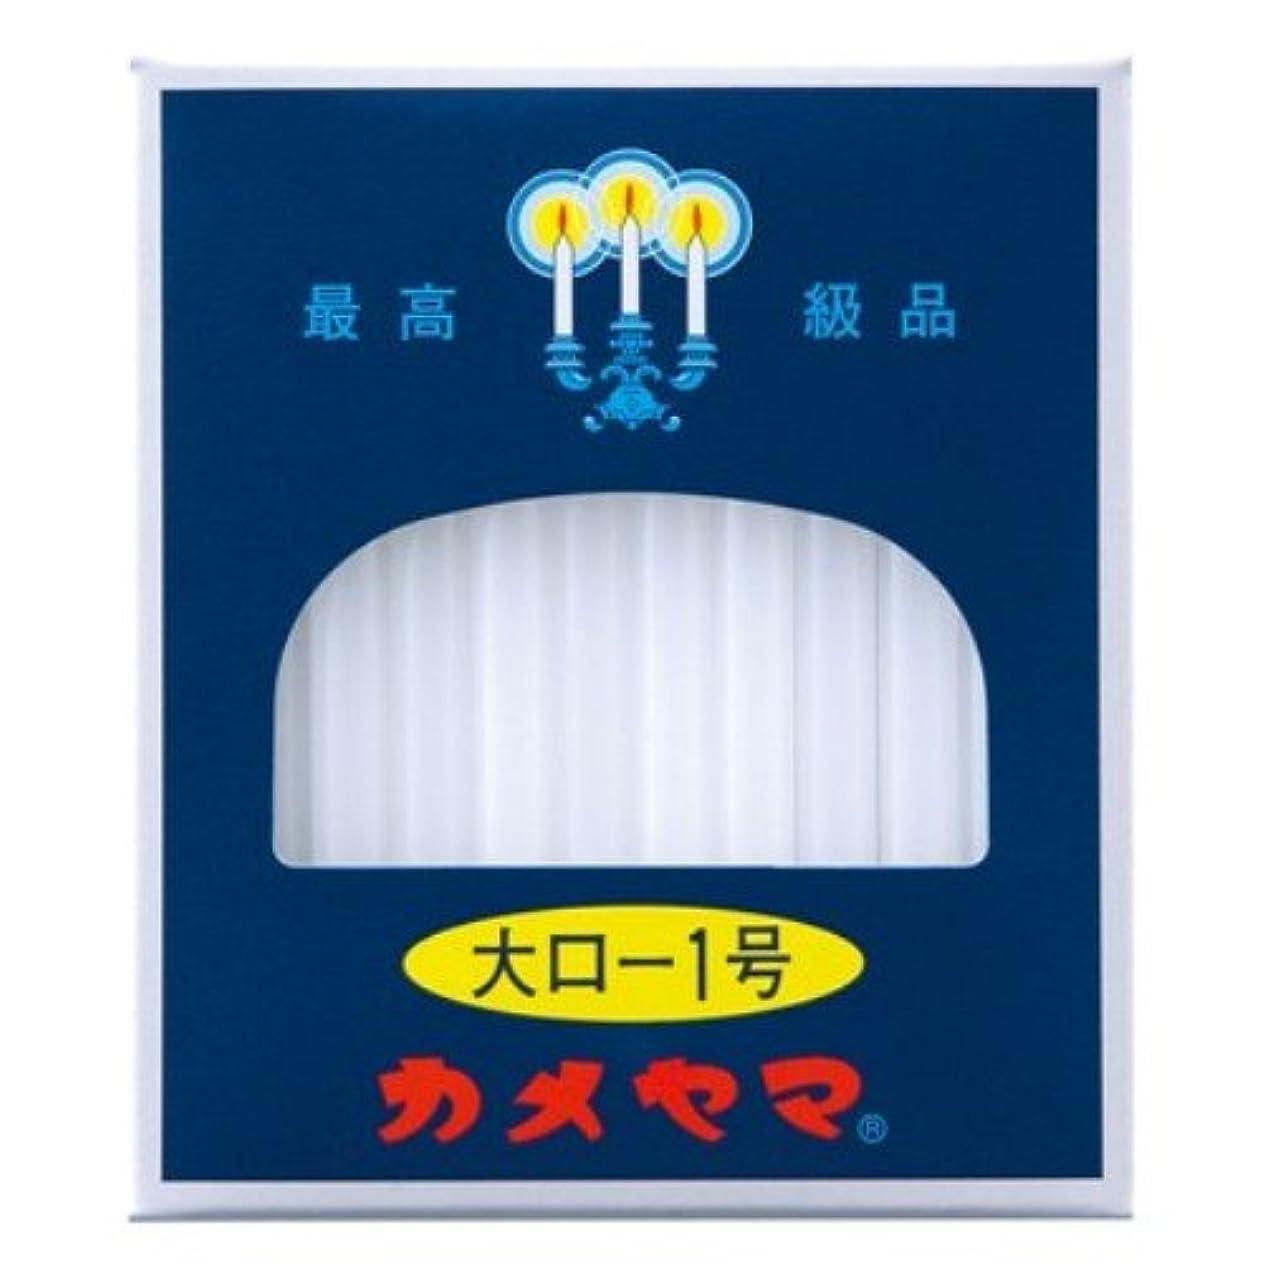 ベールチョーク暖炉カメヤマ 大ローソク 1号 225g